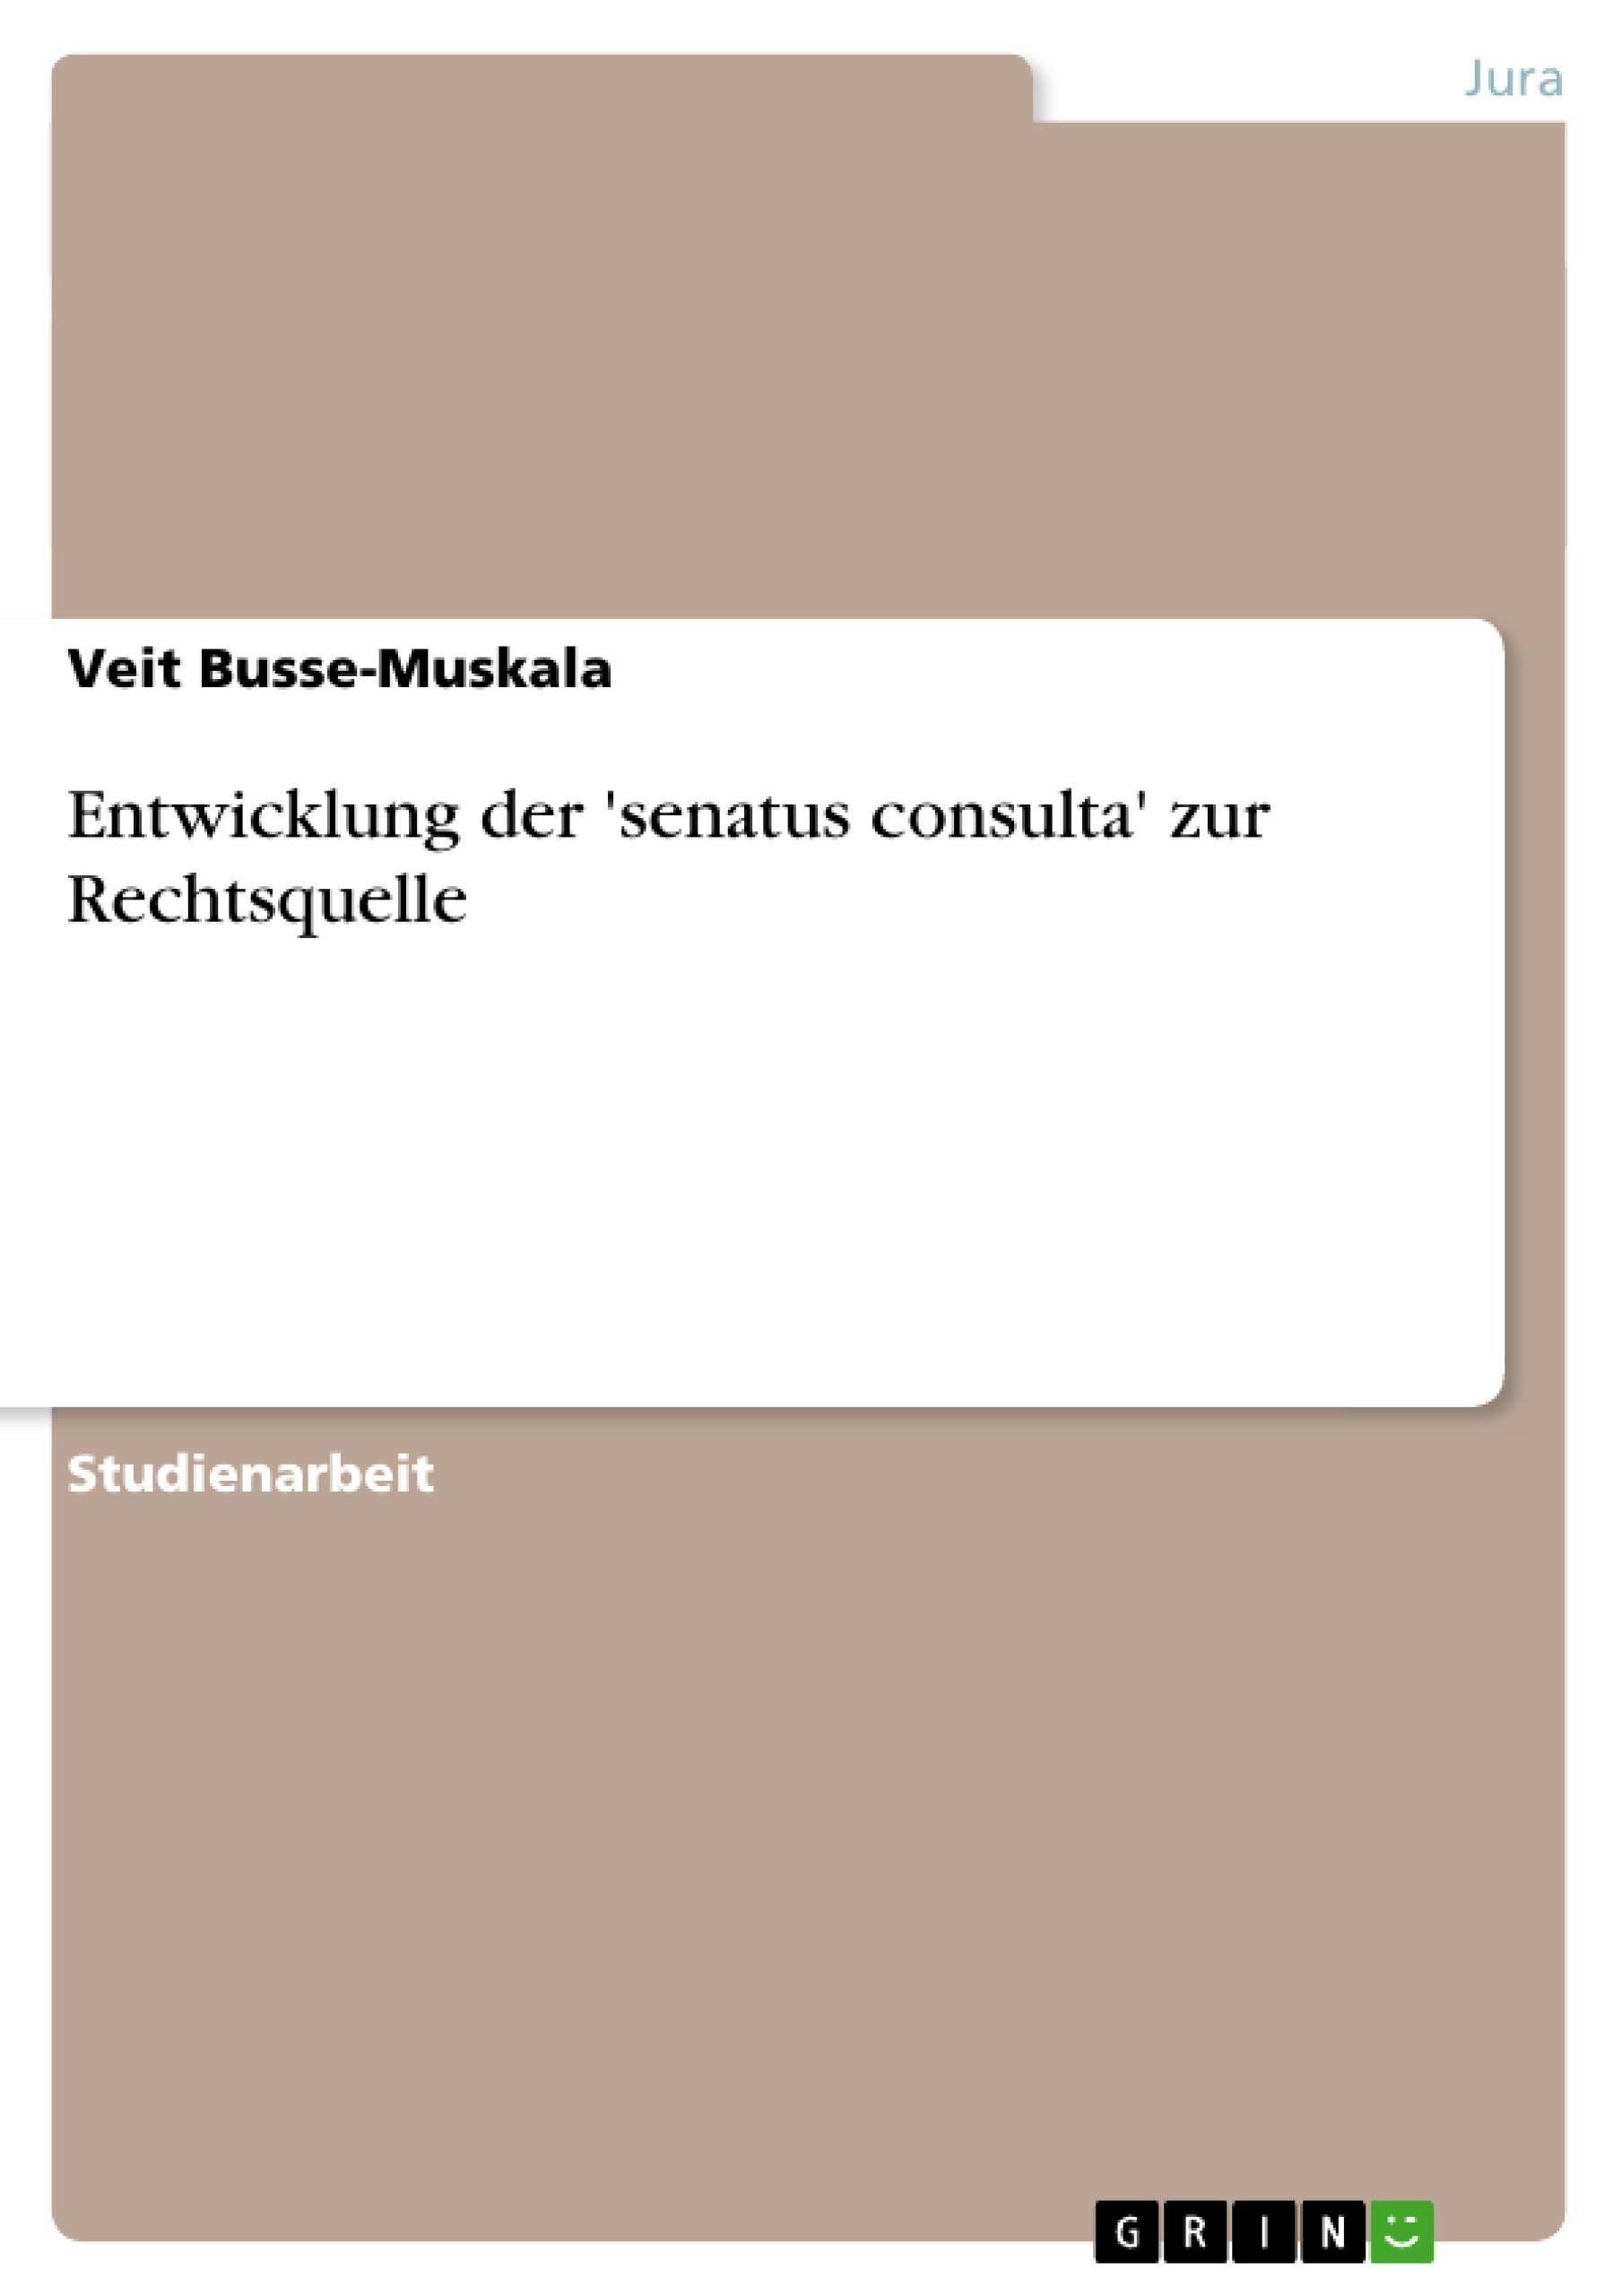 Titel: Entwicklung der 'senatus consulta' zur Rechtsquelle